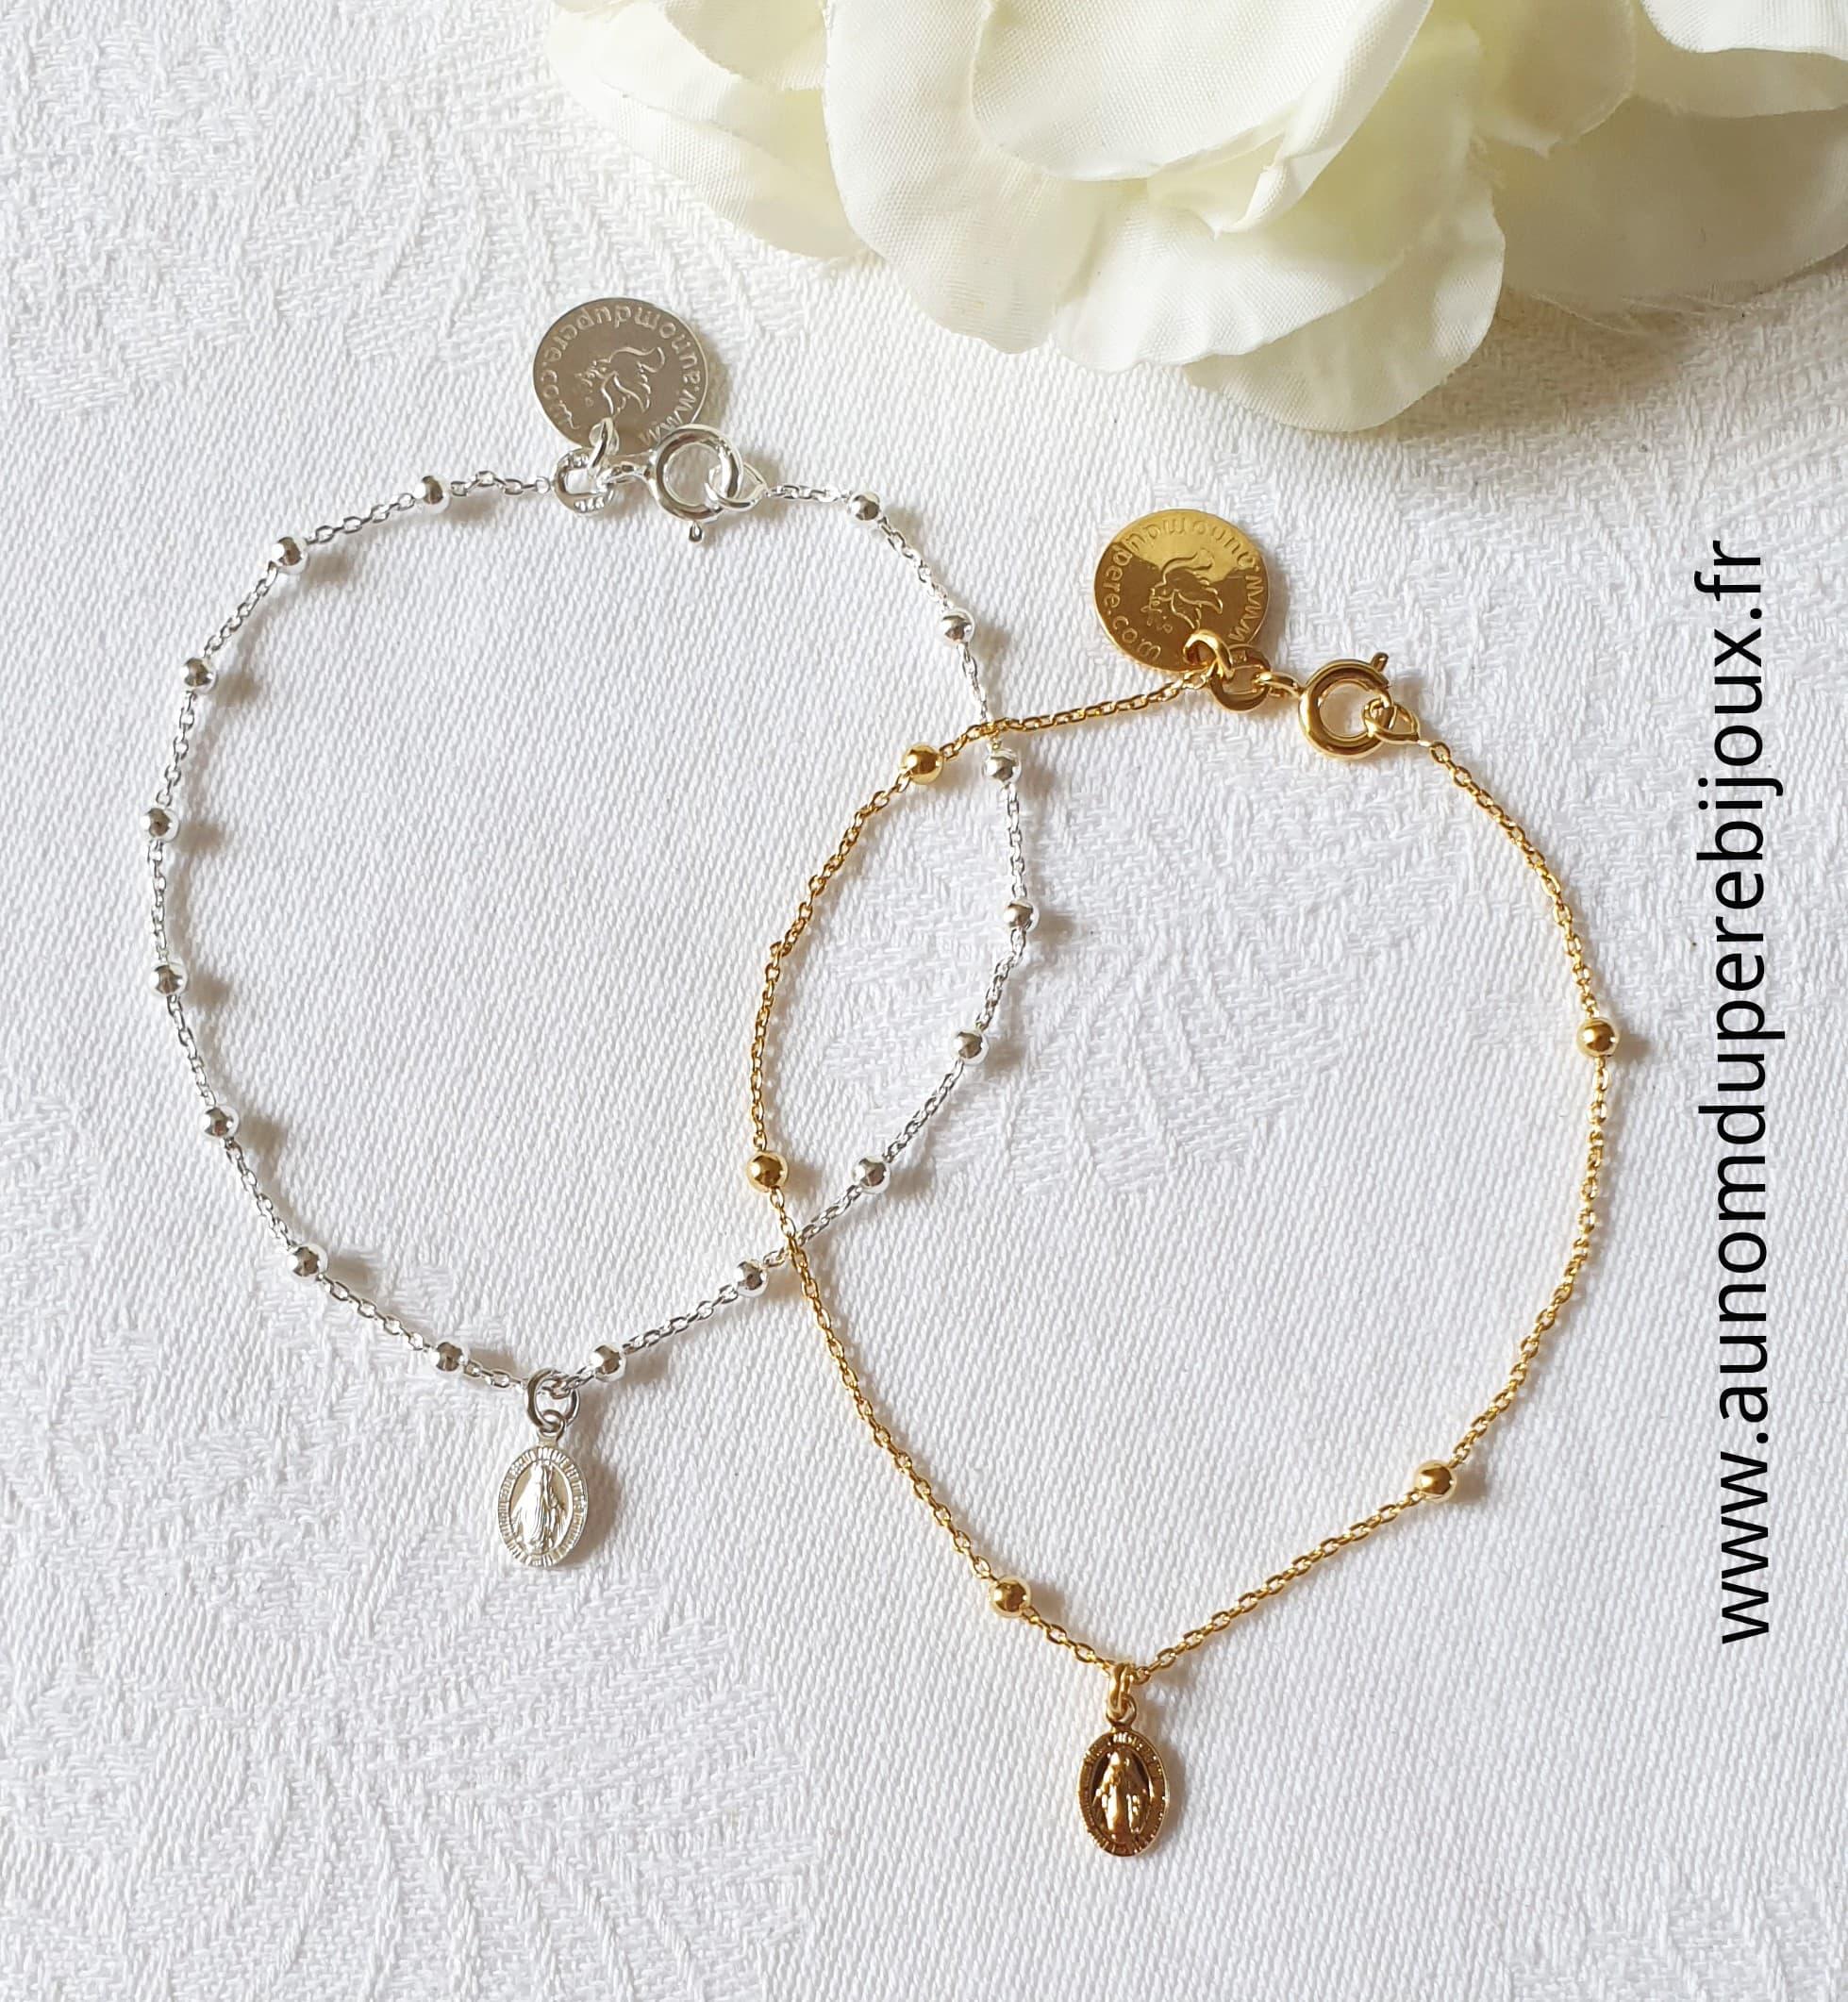 Bracelet mini médaille miraculeuse sur chaîne perlée